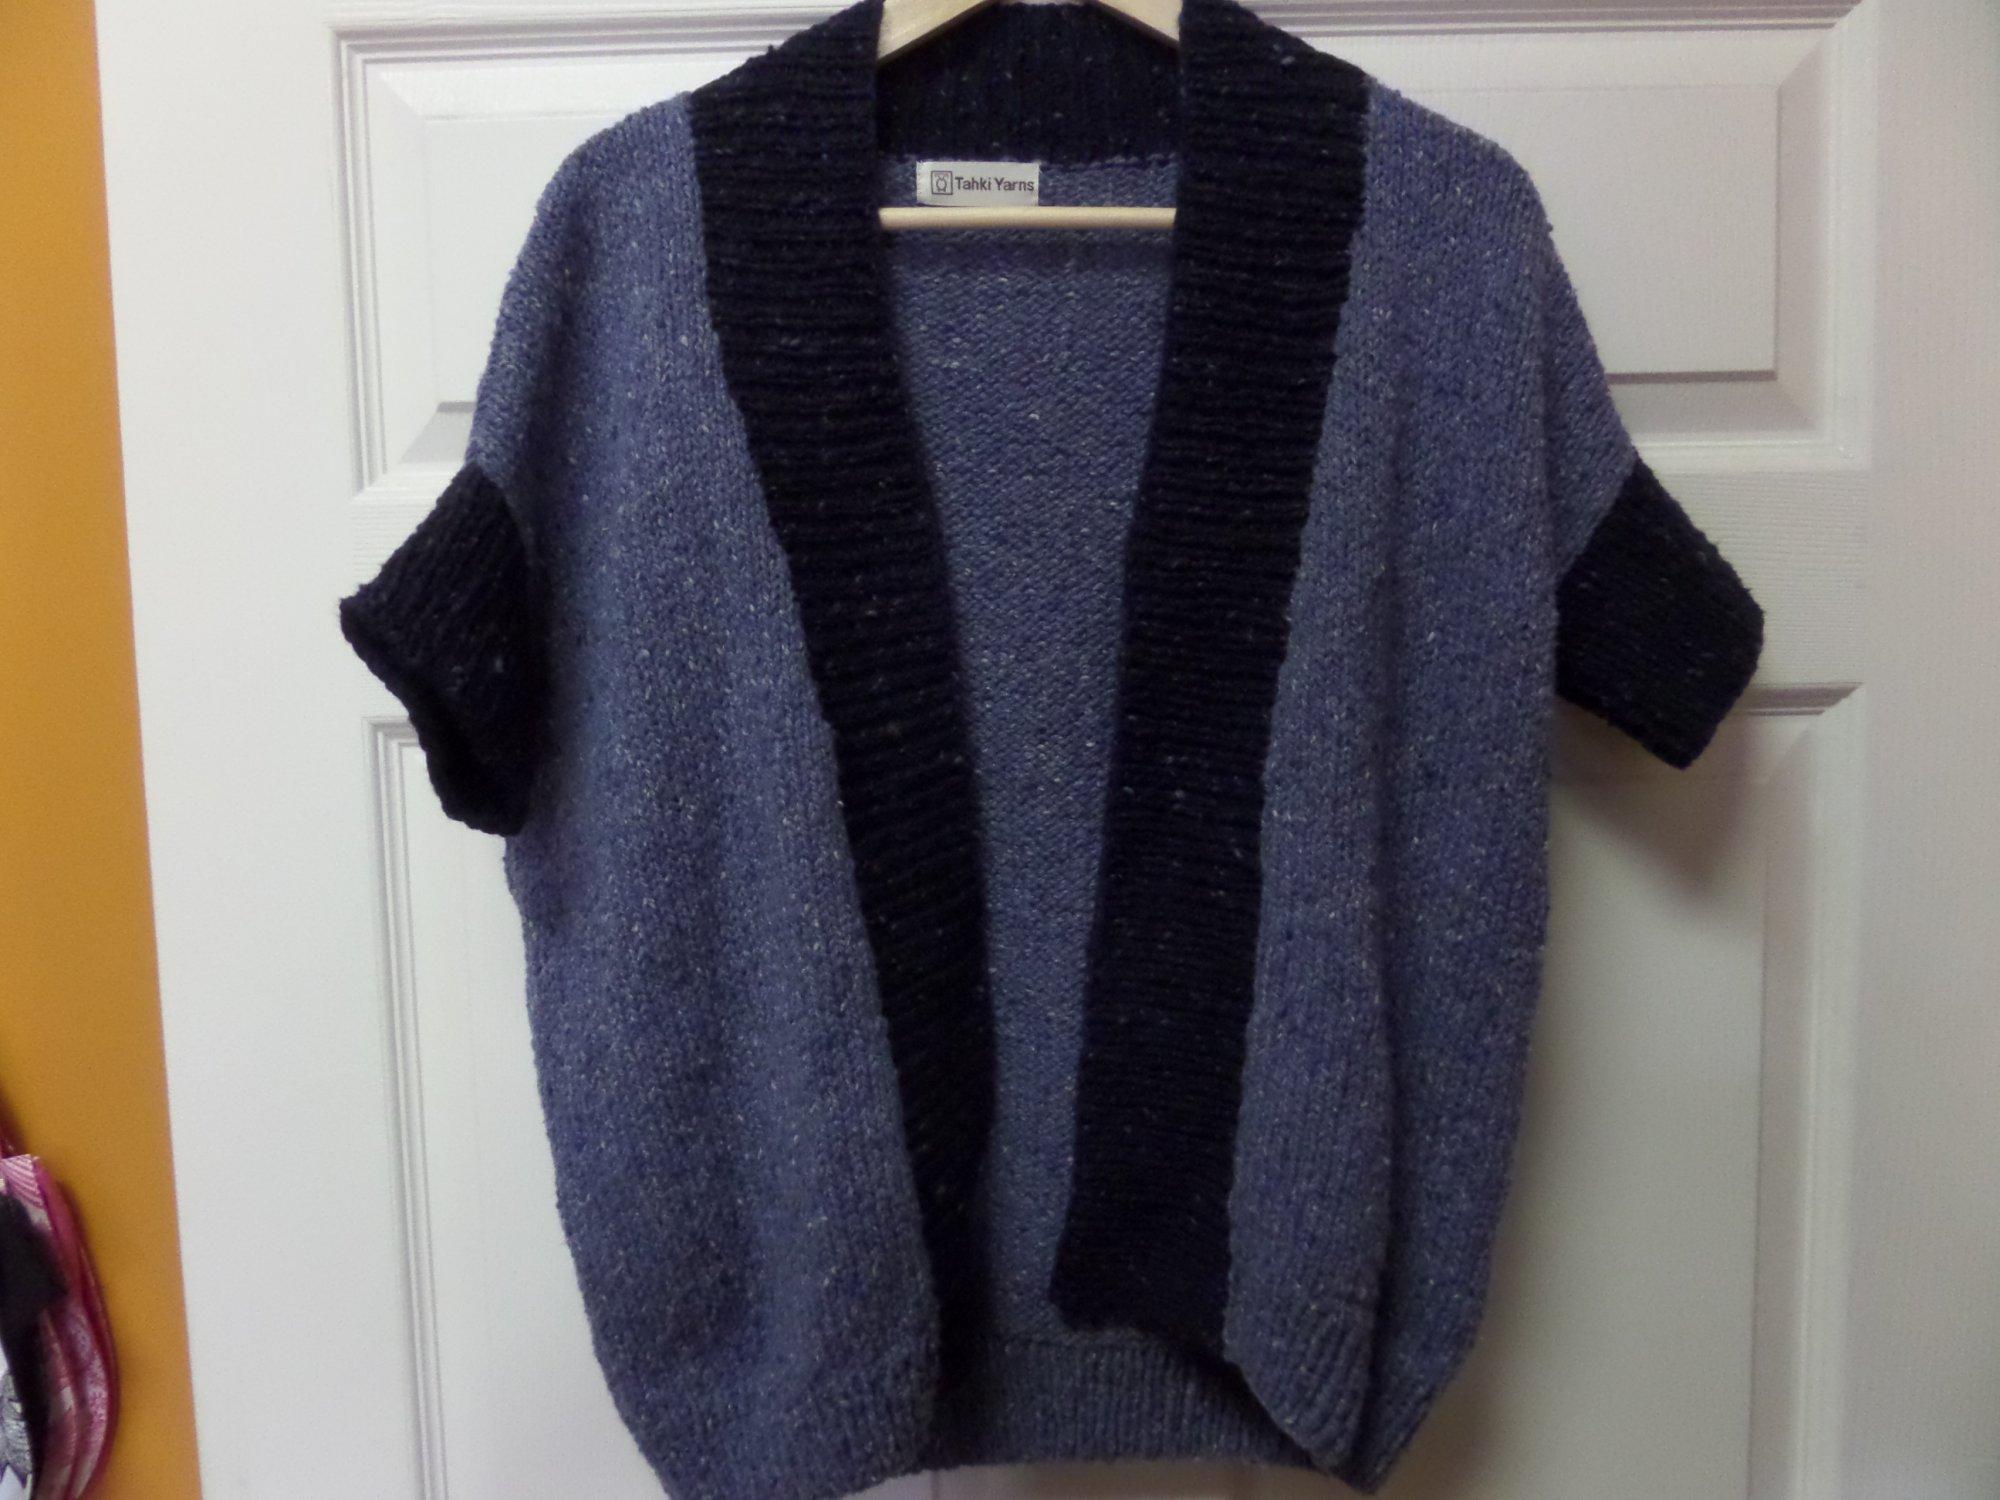 Classico Vest model in Tara Tweed yarn from Tahki